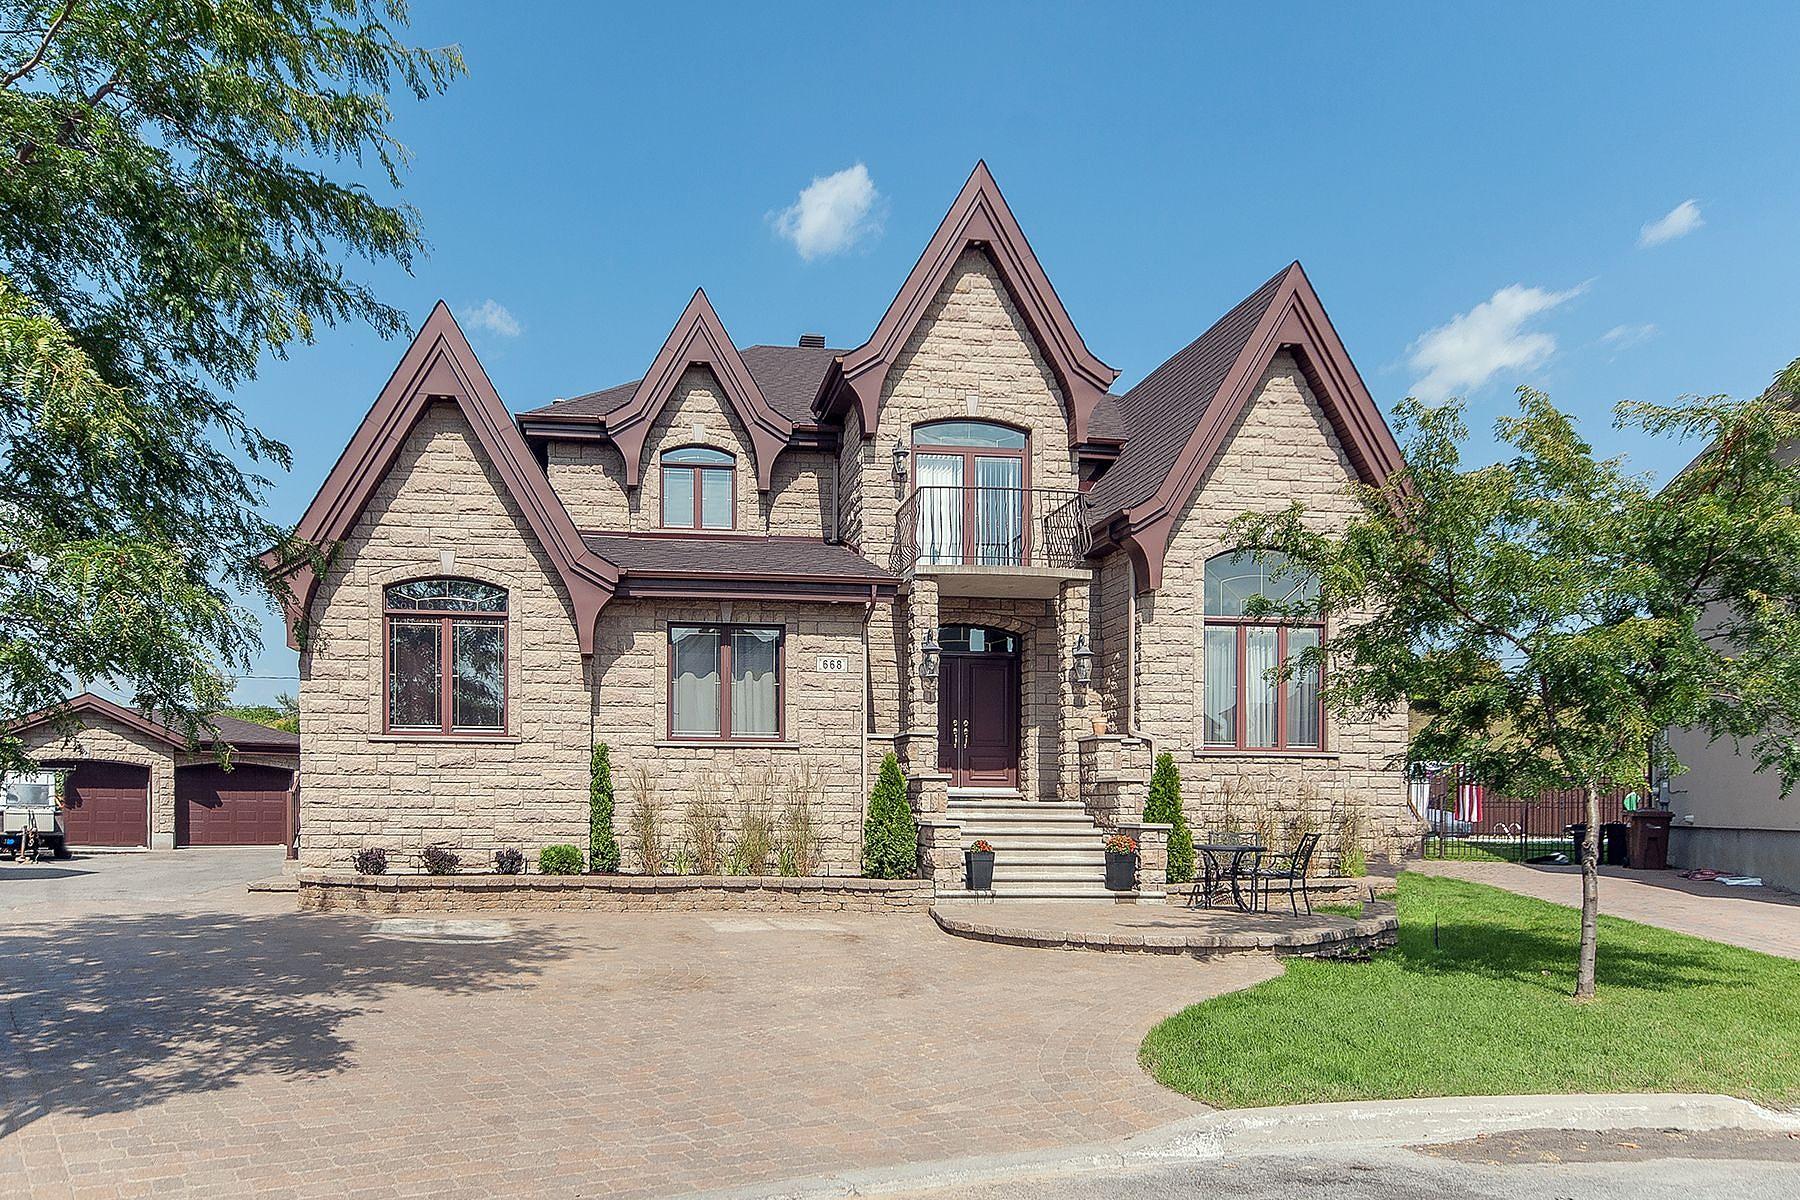 独户住宅 为 销售 在 Auteuil, Laval 668 Rue de Fribourg, 奥特伊, 魁北克省, H7K3Y4 加拿大